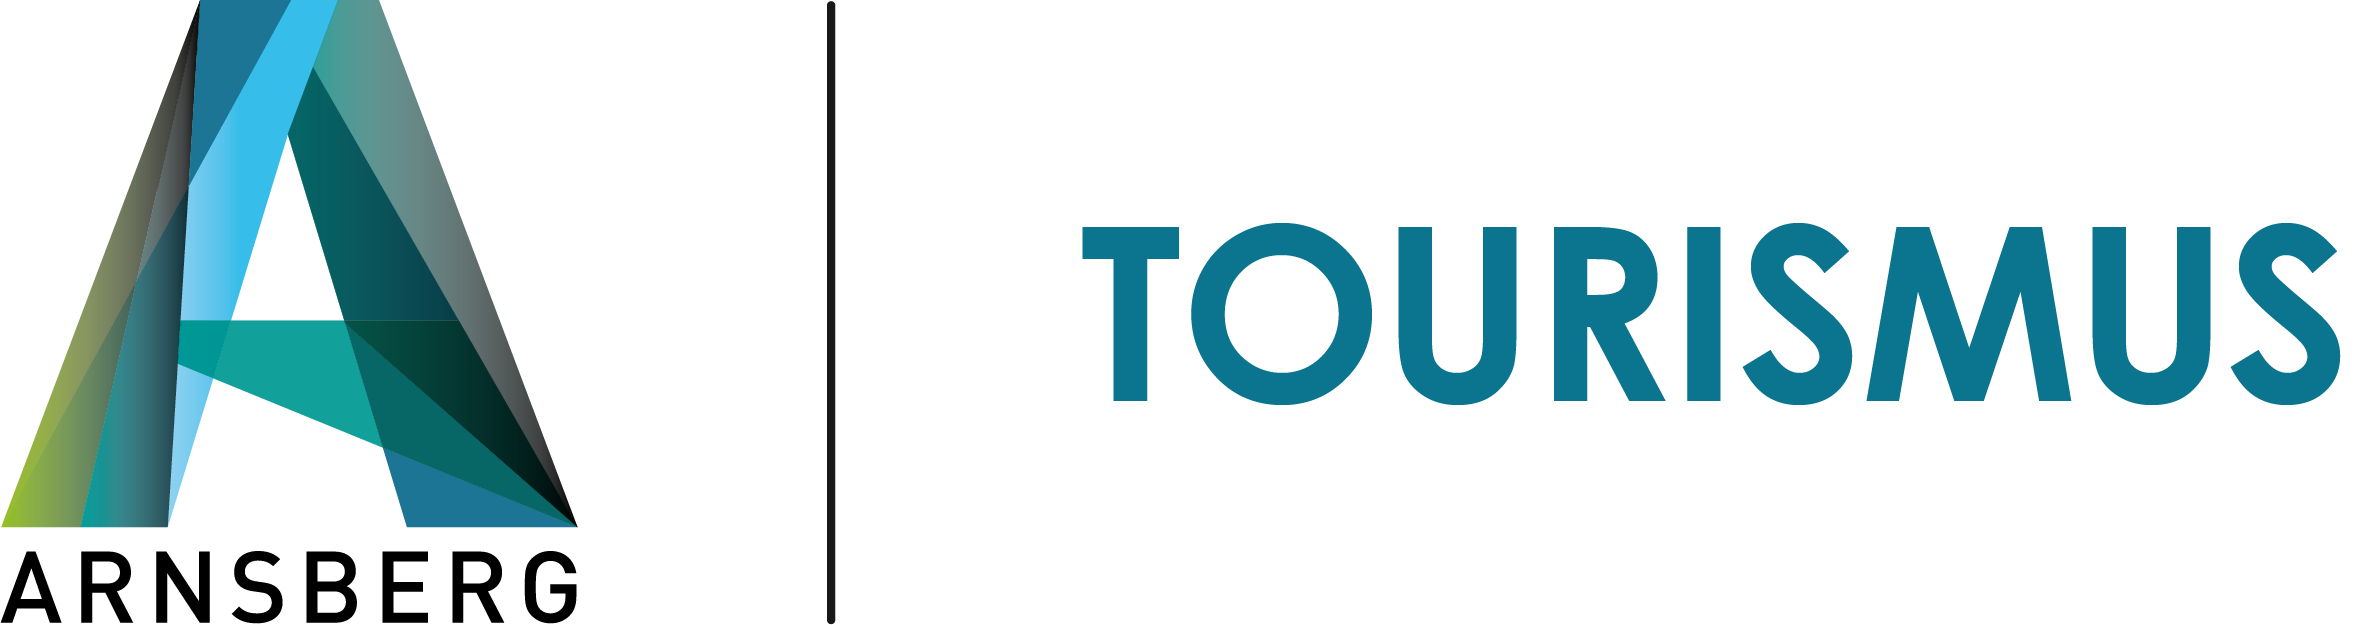 Arnsberg Tourismus Logo